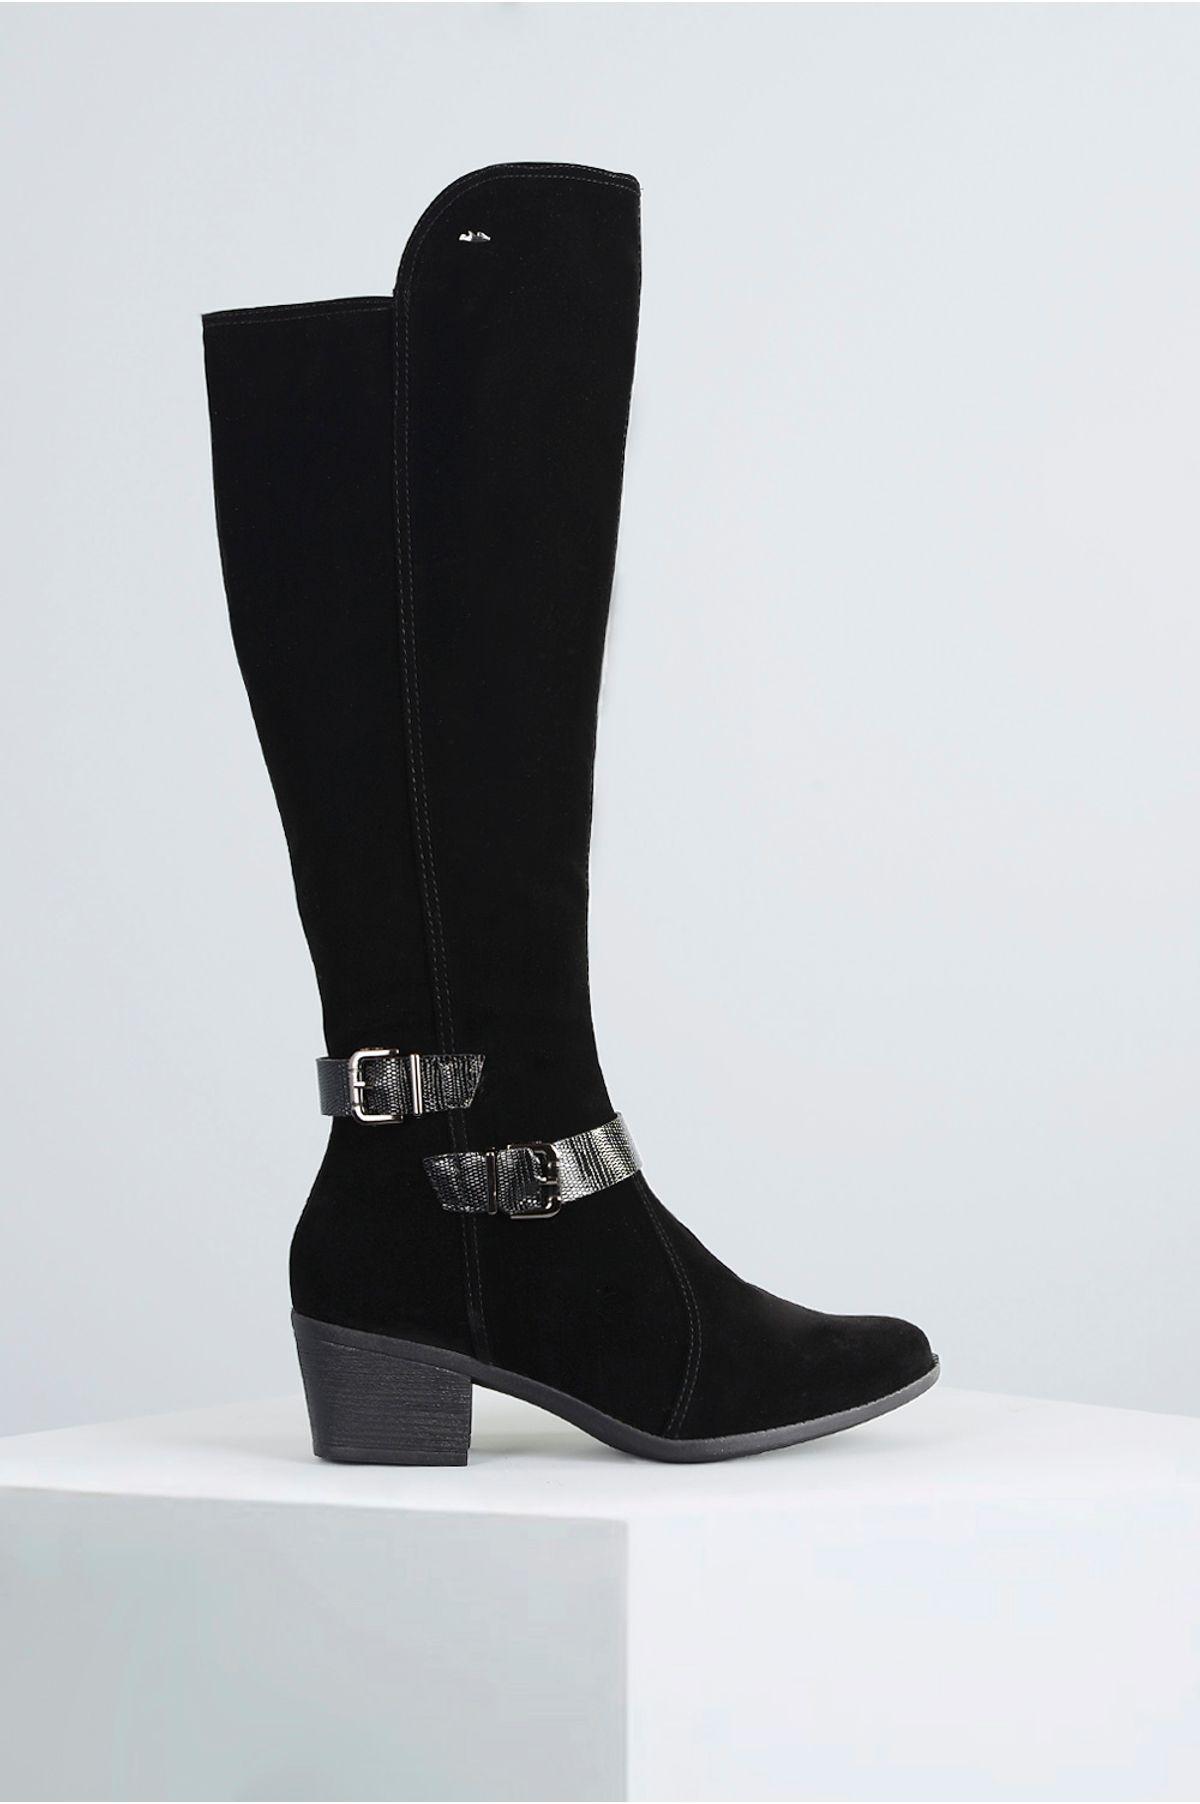 ad97de592e Bota Feminina Salto Médio Mondy Dakota NB - PRETO - Mundial Calçados